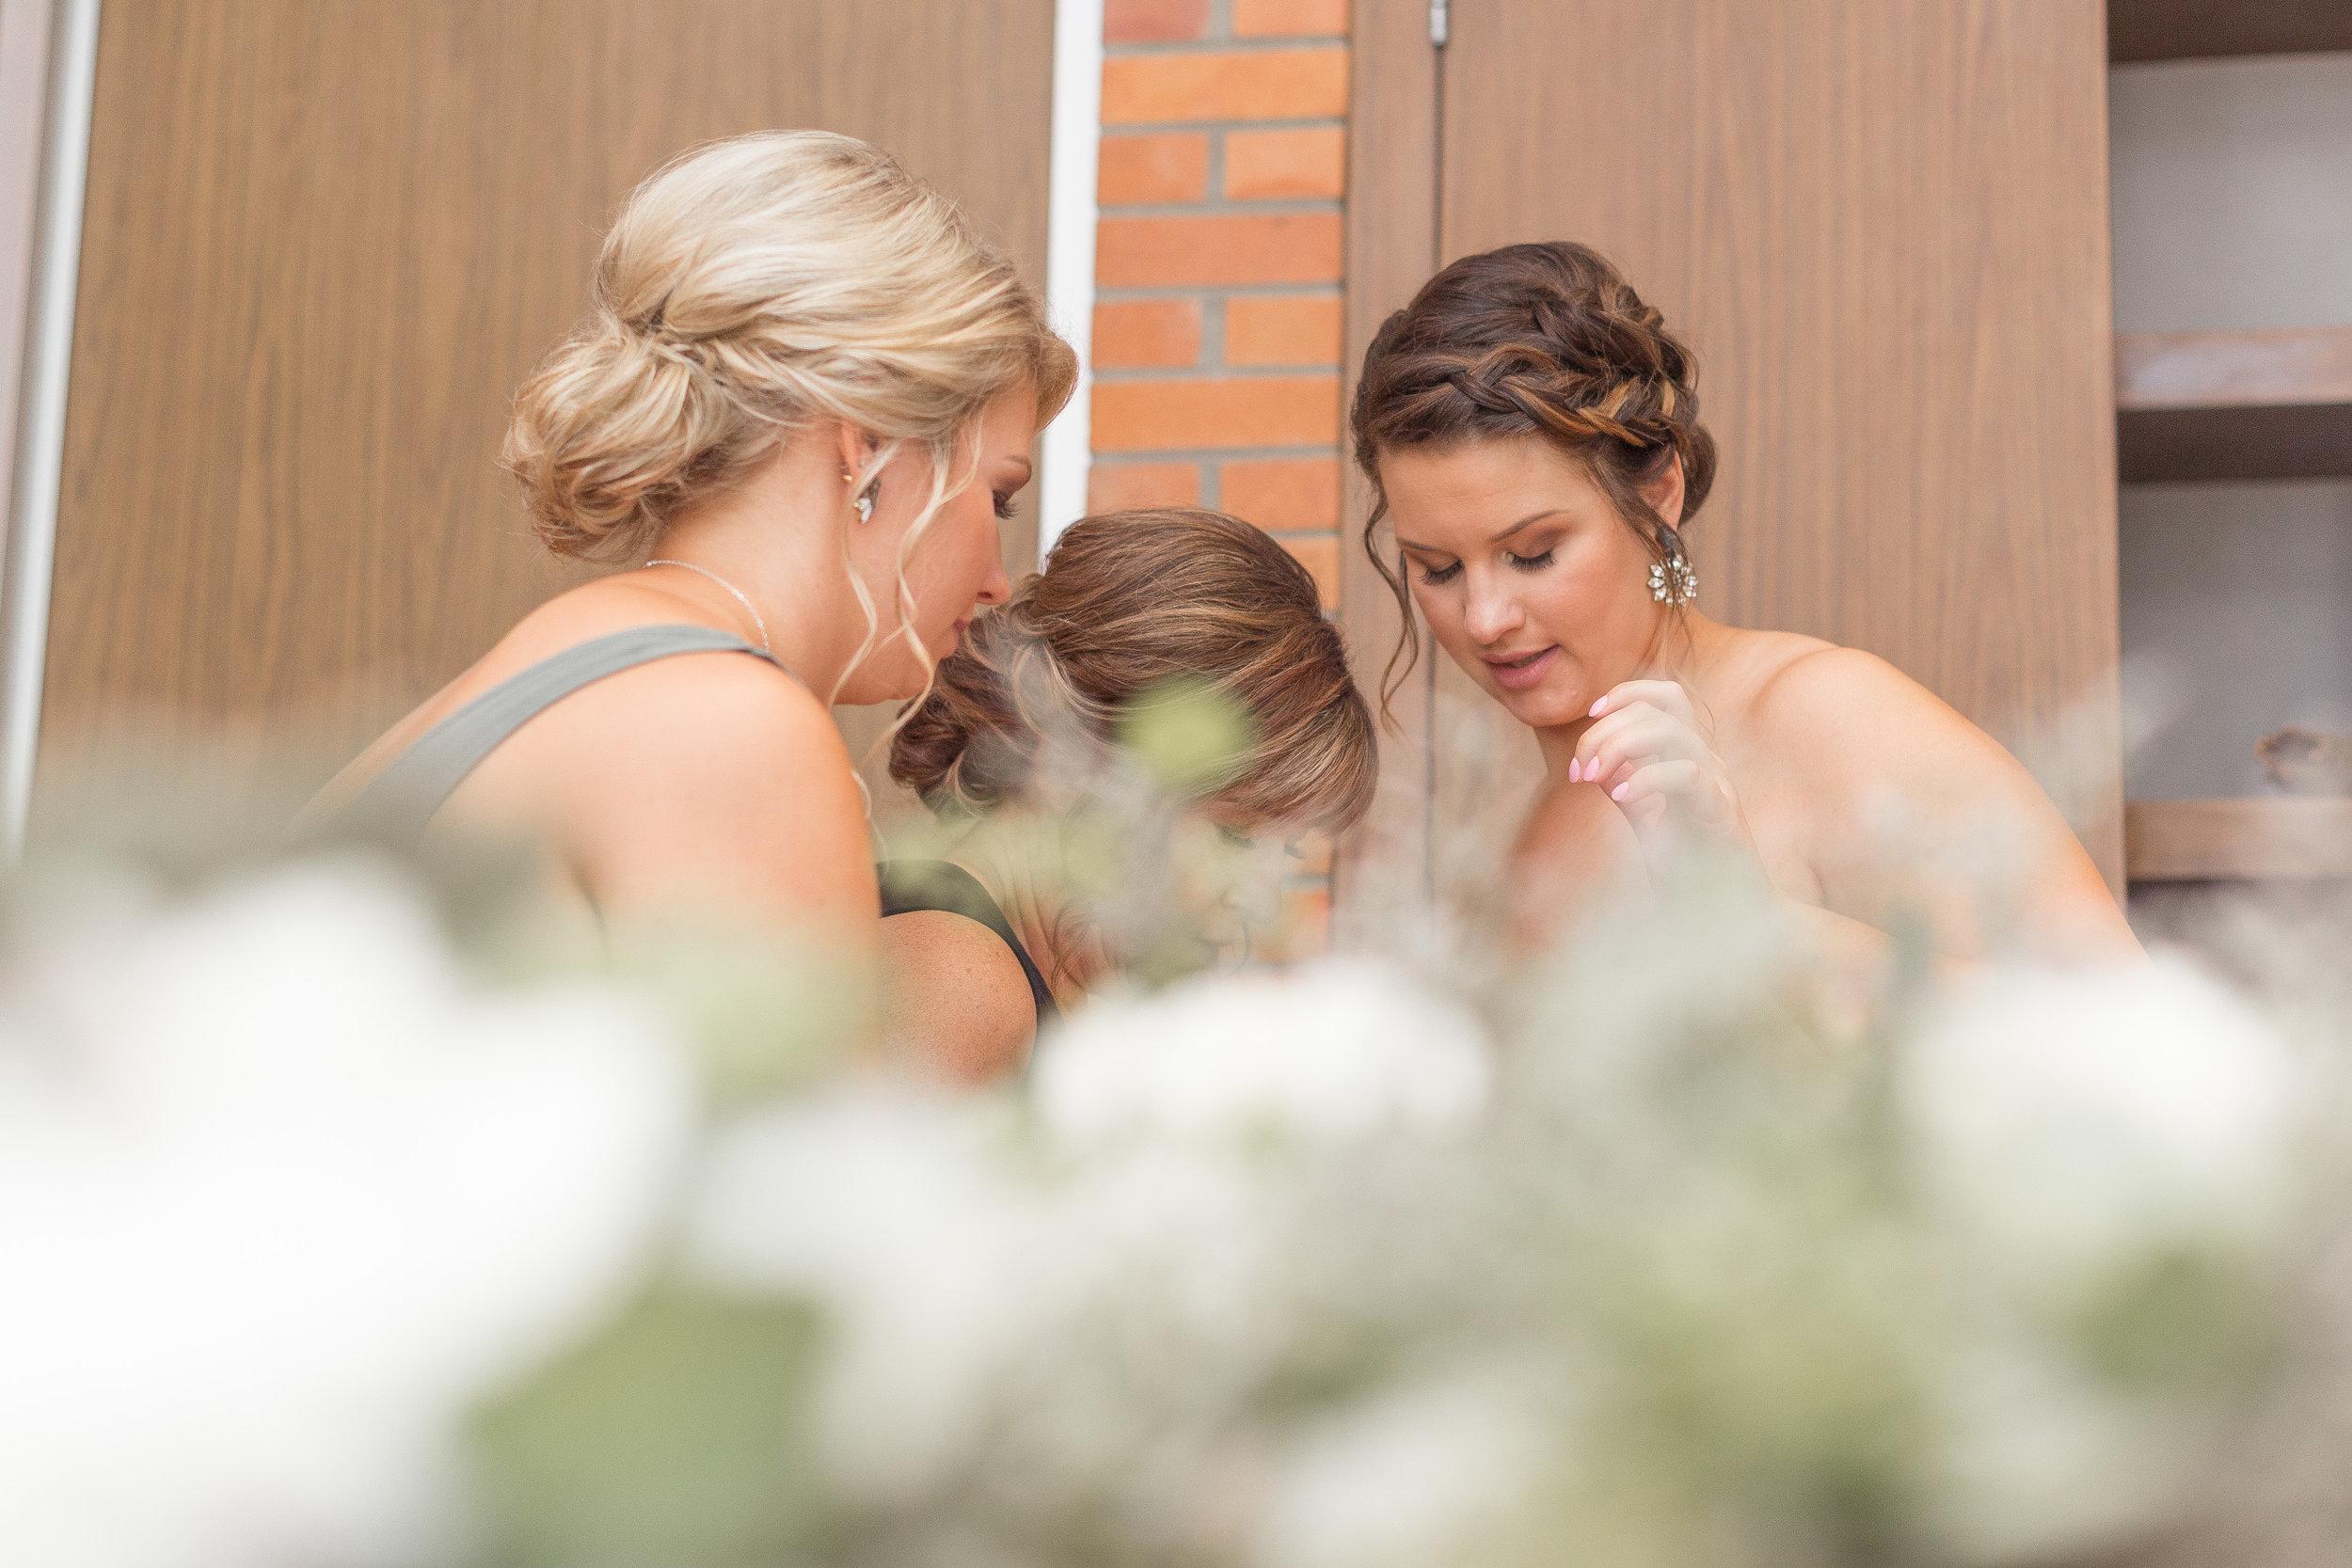 C_Wedding_Sarver, Alyssa & Scott_FOR BLOG-15.JPG